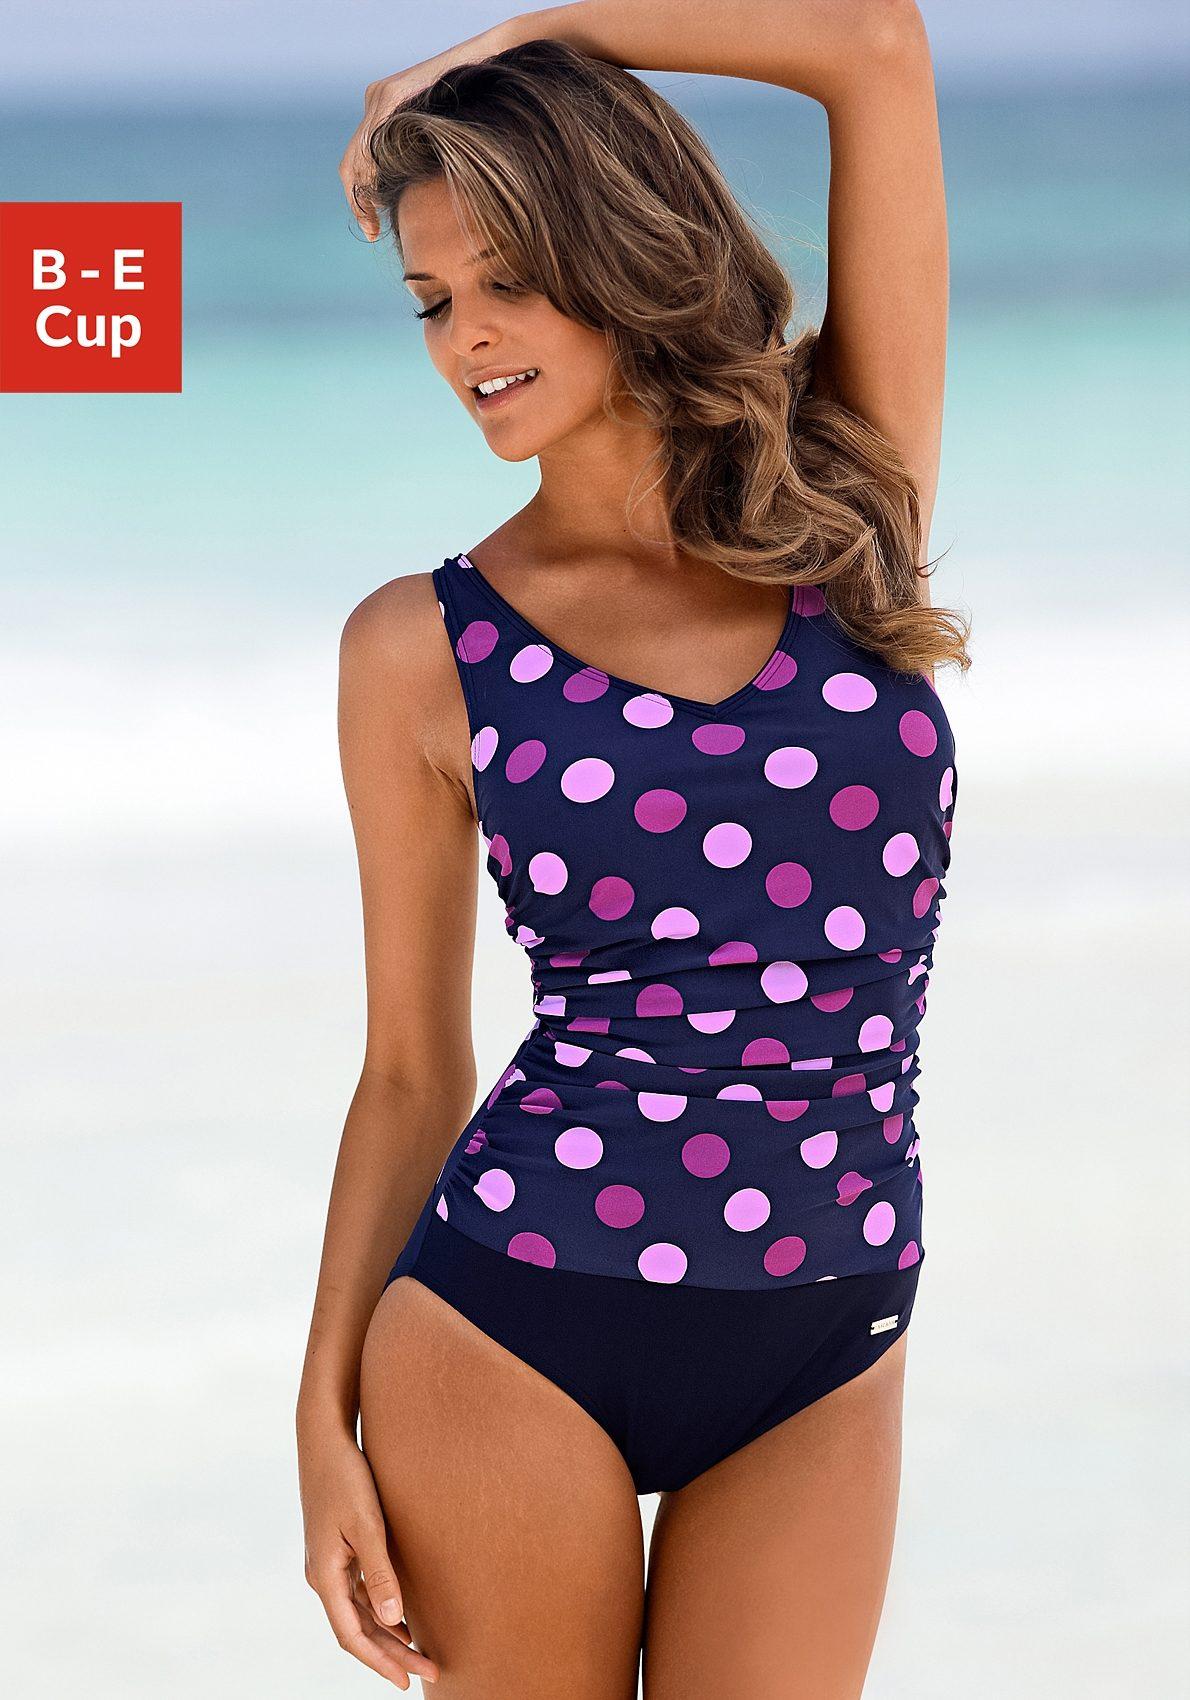 LASCANA Bügel-Badeanzug im schönen Punkte-Design